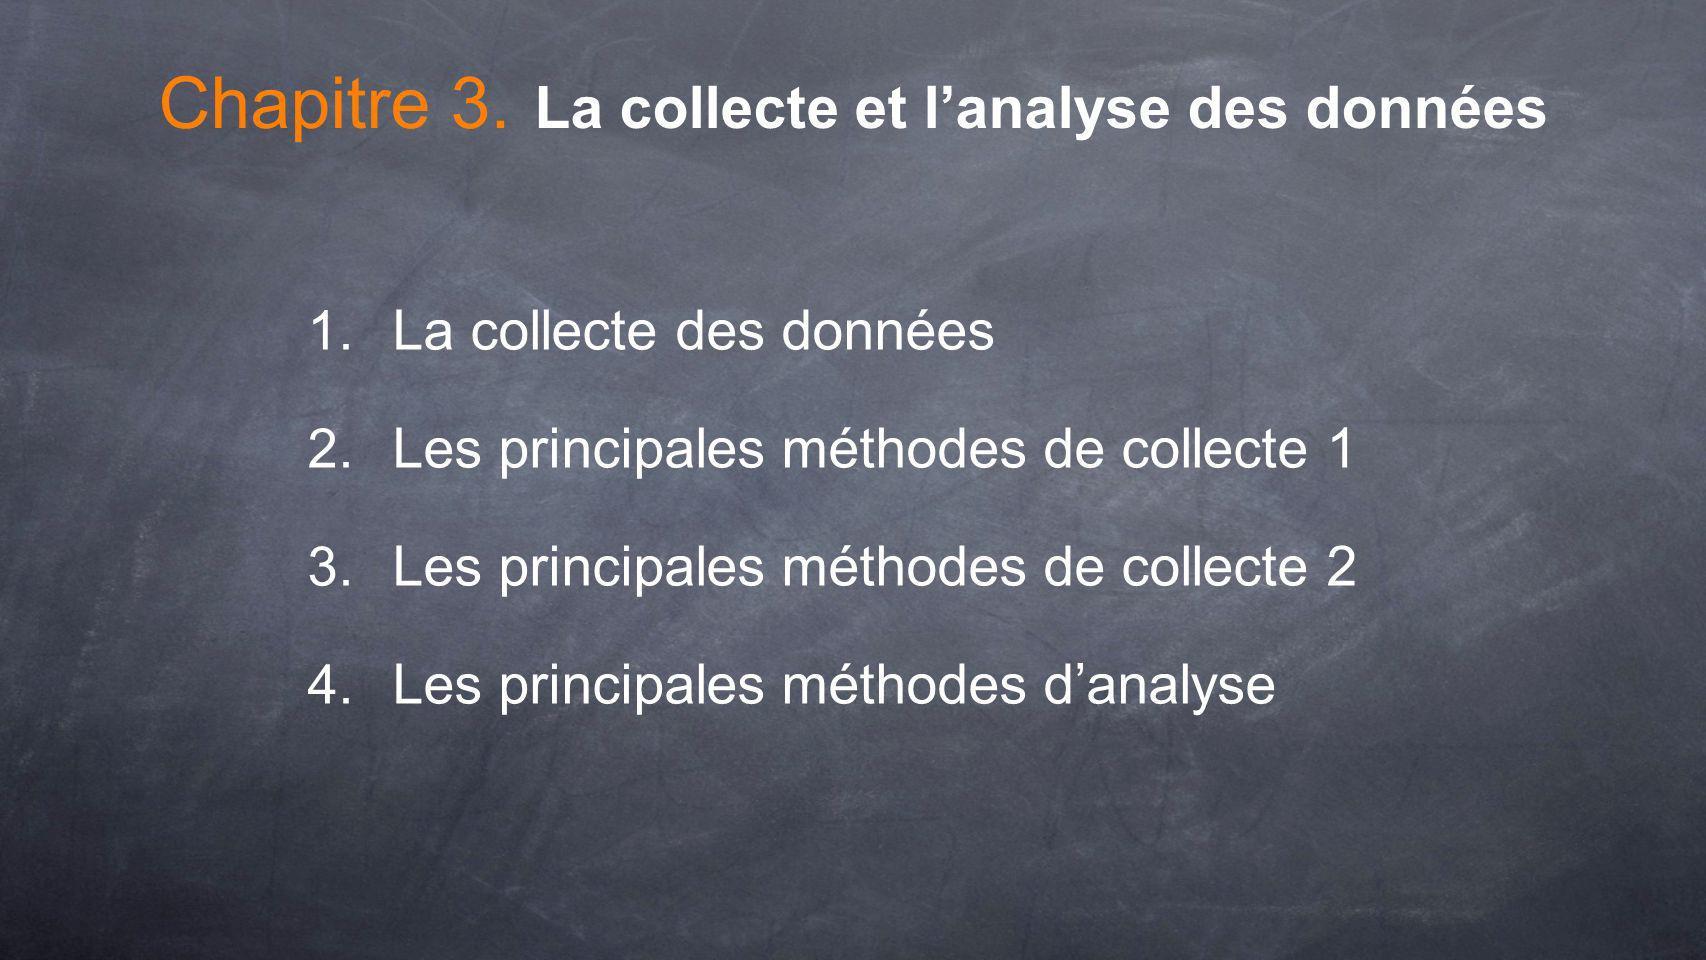 Dey, 1993 1- description 3- connexion2- classification Analyse qualitative Démarche circulaire 3- les principales méthodes de collecte (2) Chapitre 3.